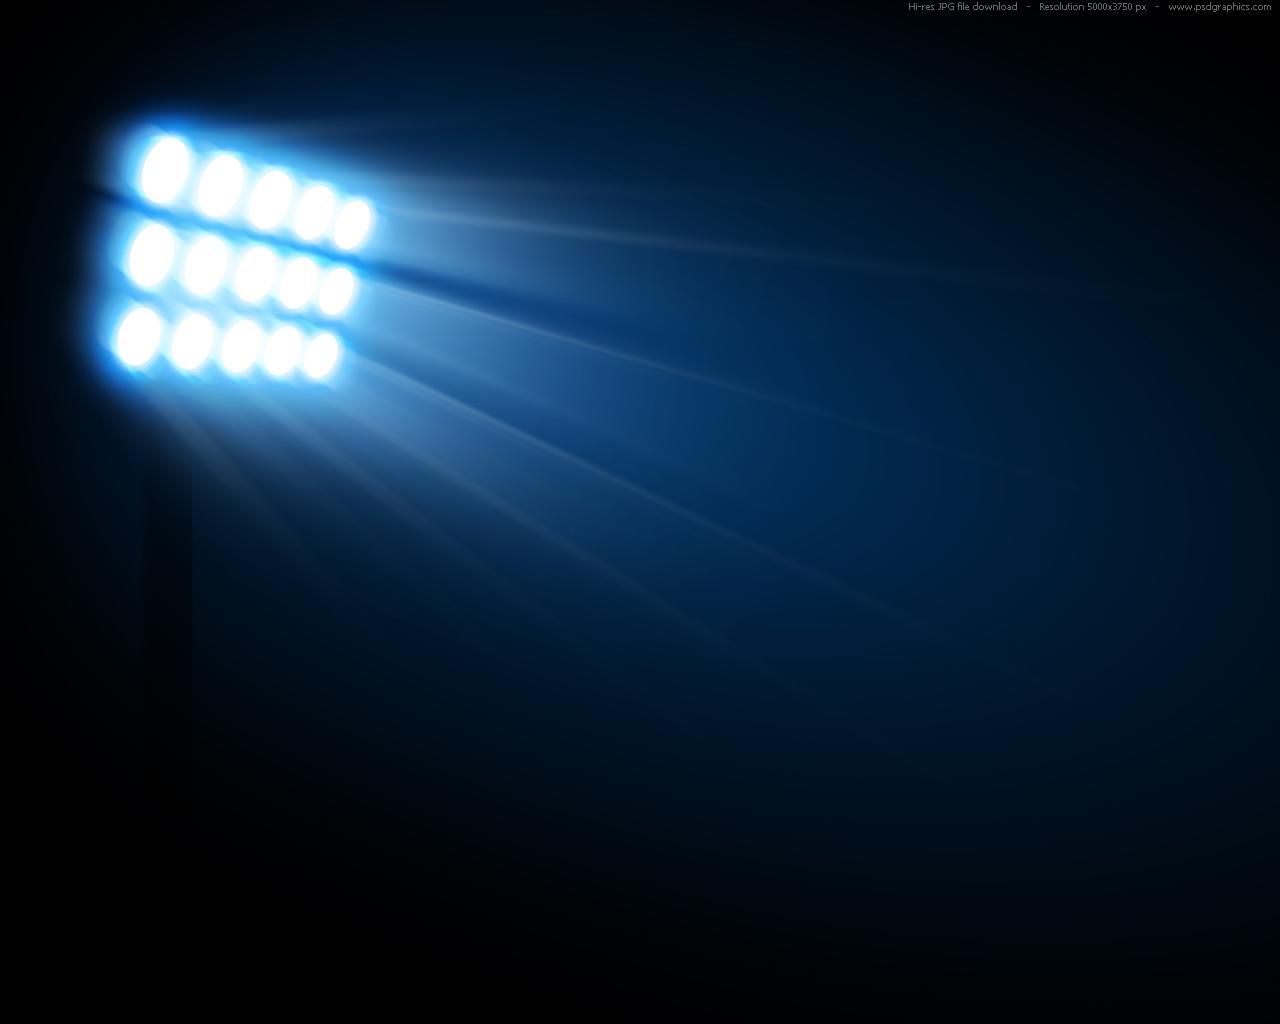 Football clipart light blue #13